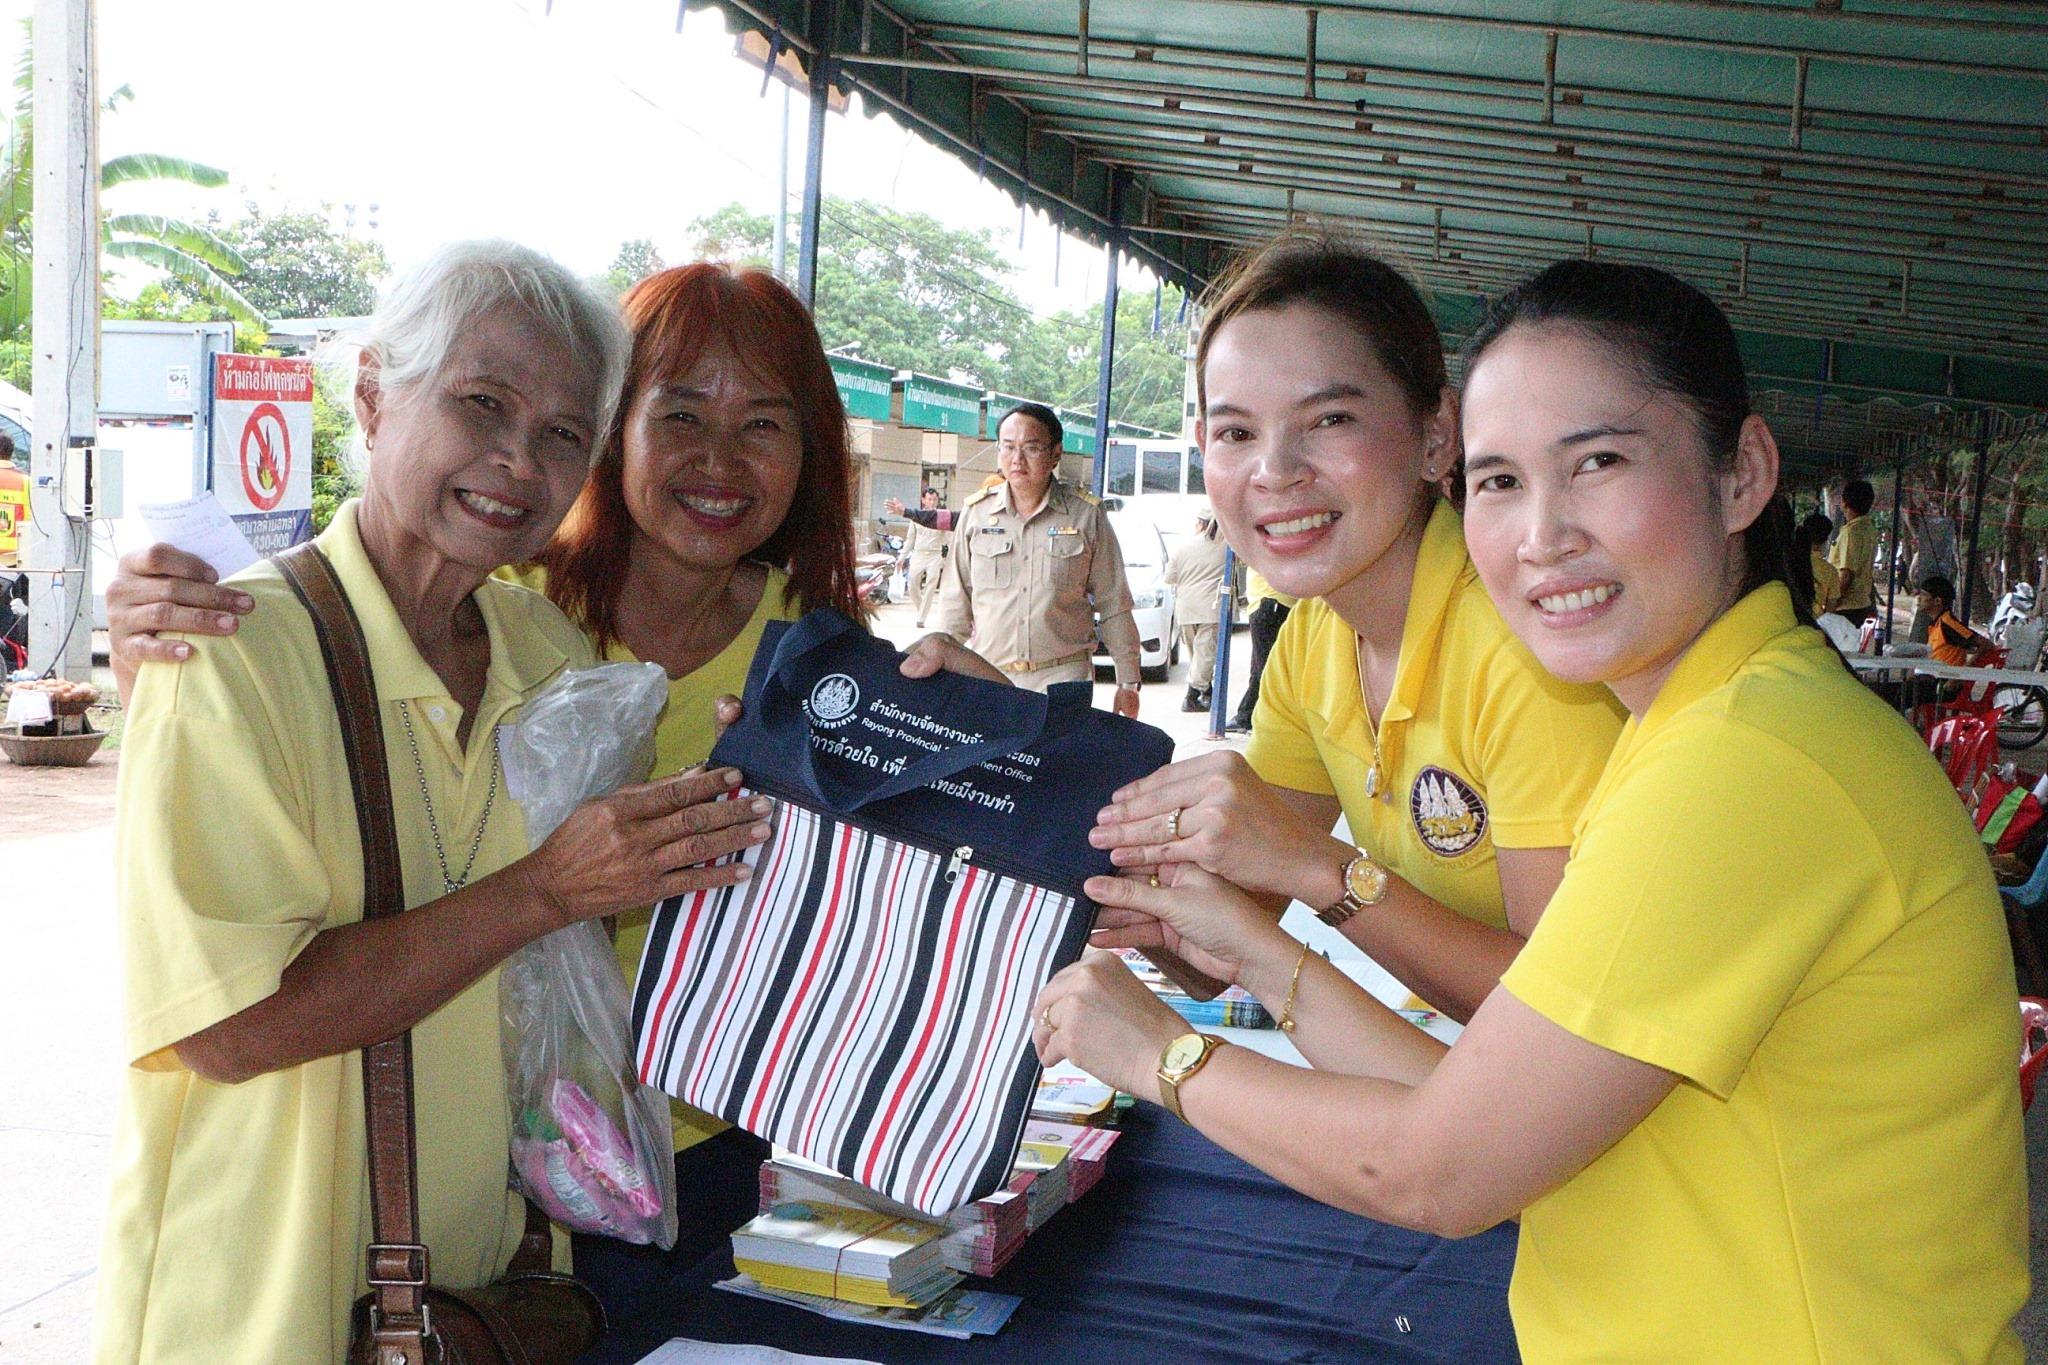 จังหวัดระยองจัดโครงการ หน่วยบำบัดทุกข์ บำรุงสุข สร้างรอยยิ้ม คืนความสุขให้ประชาชน ครั้งที่ 9/2562